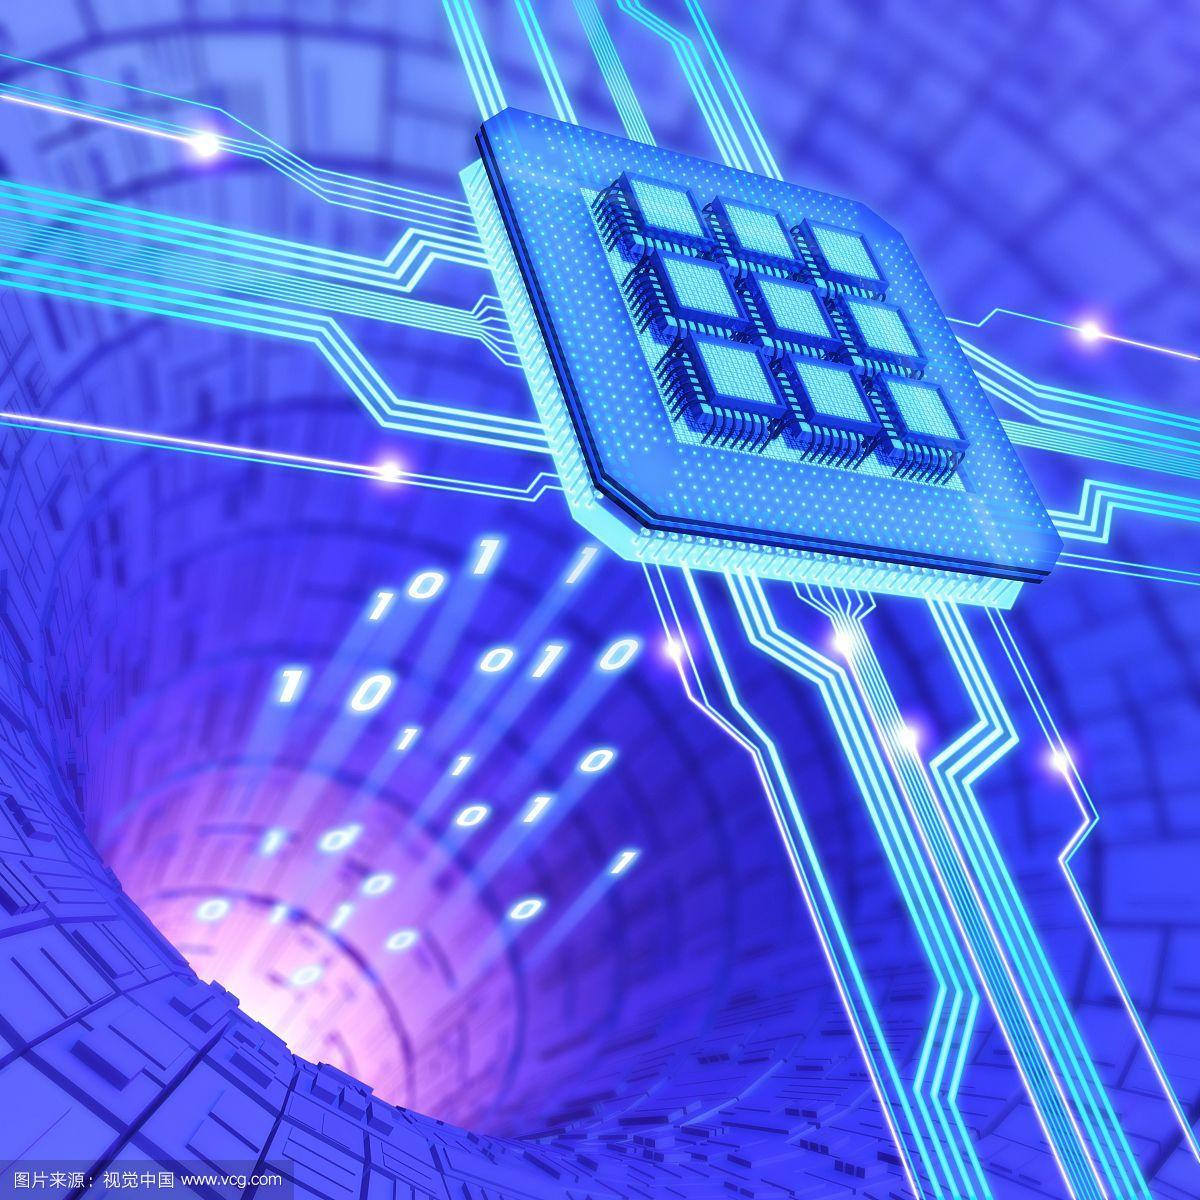 全球半导体销售持续增长:国产自主芯片追赶中